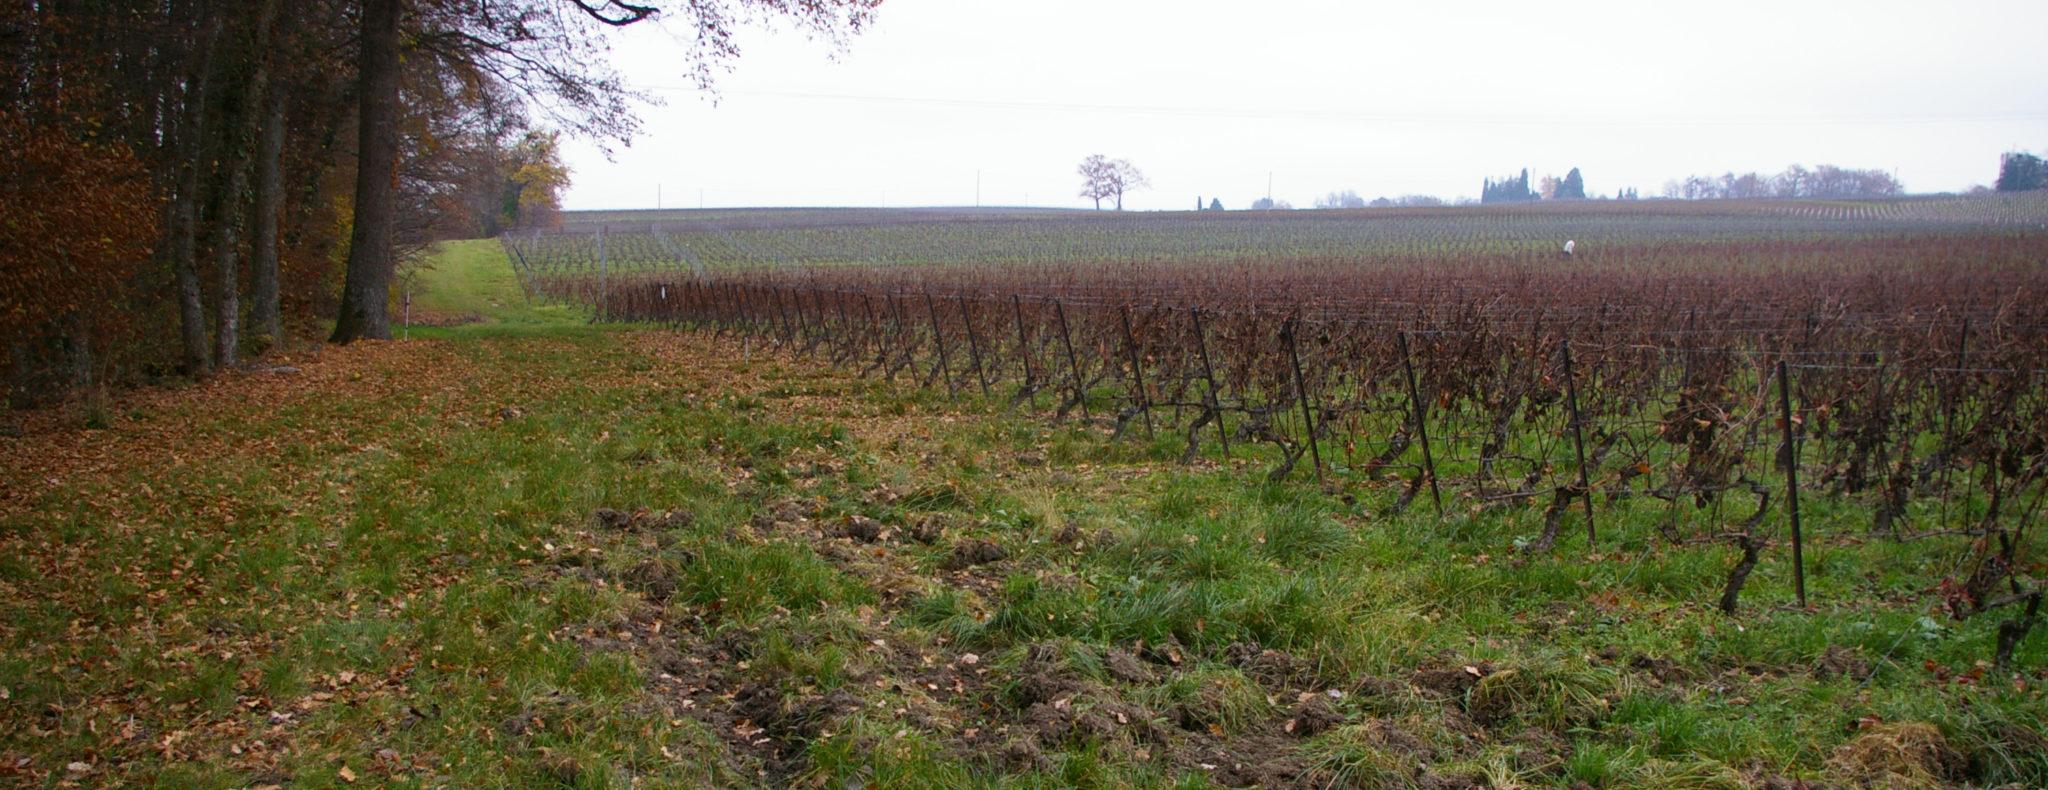 Blog Browning : Genève sans chasse, entretien avec Manue Piachaud